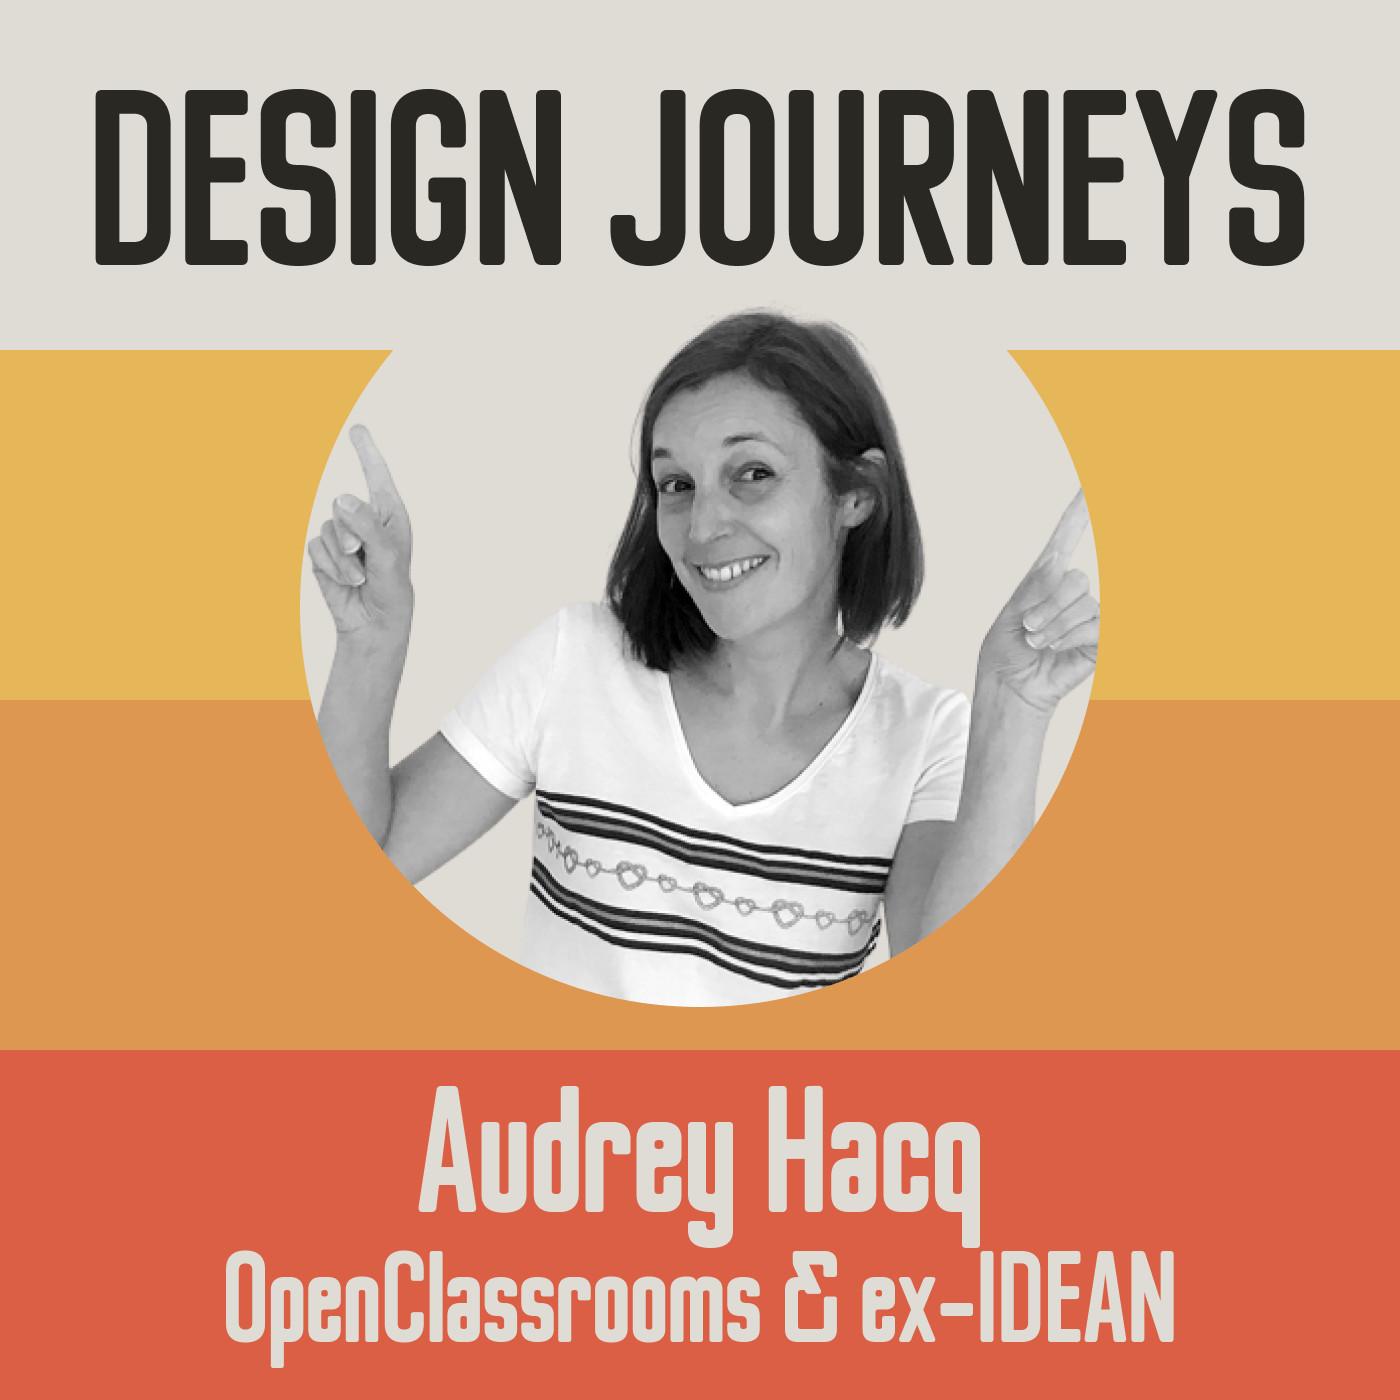 #15 (Partie 1) Audrey Hacq - OpenClassrooms & ex-IDEAN - Aider les entreprises à simplifier leur workflow grâce au Design System